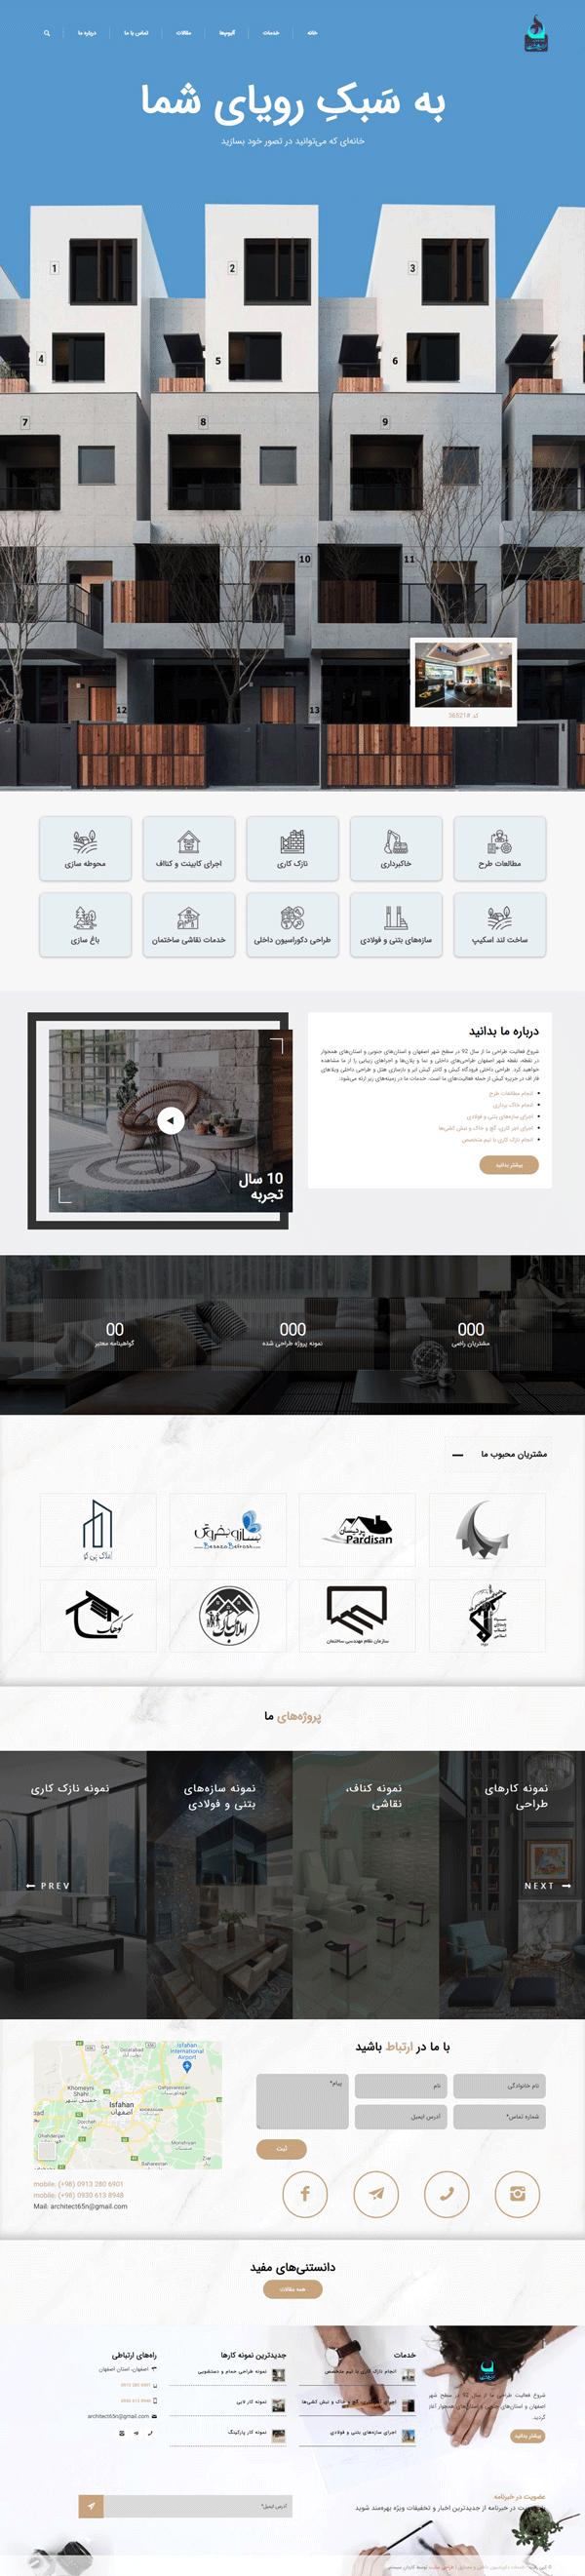 طراحی سایت اردیبهشت   خدمات دکوراسیون داخلی و معماری و طراحی باغ ویلا